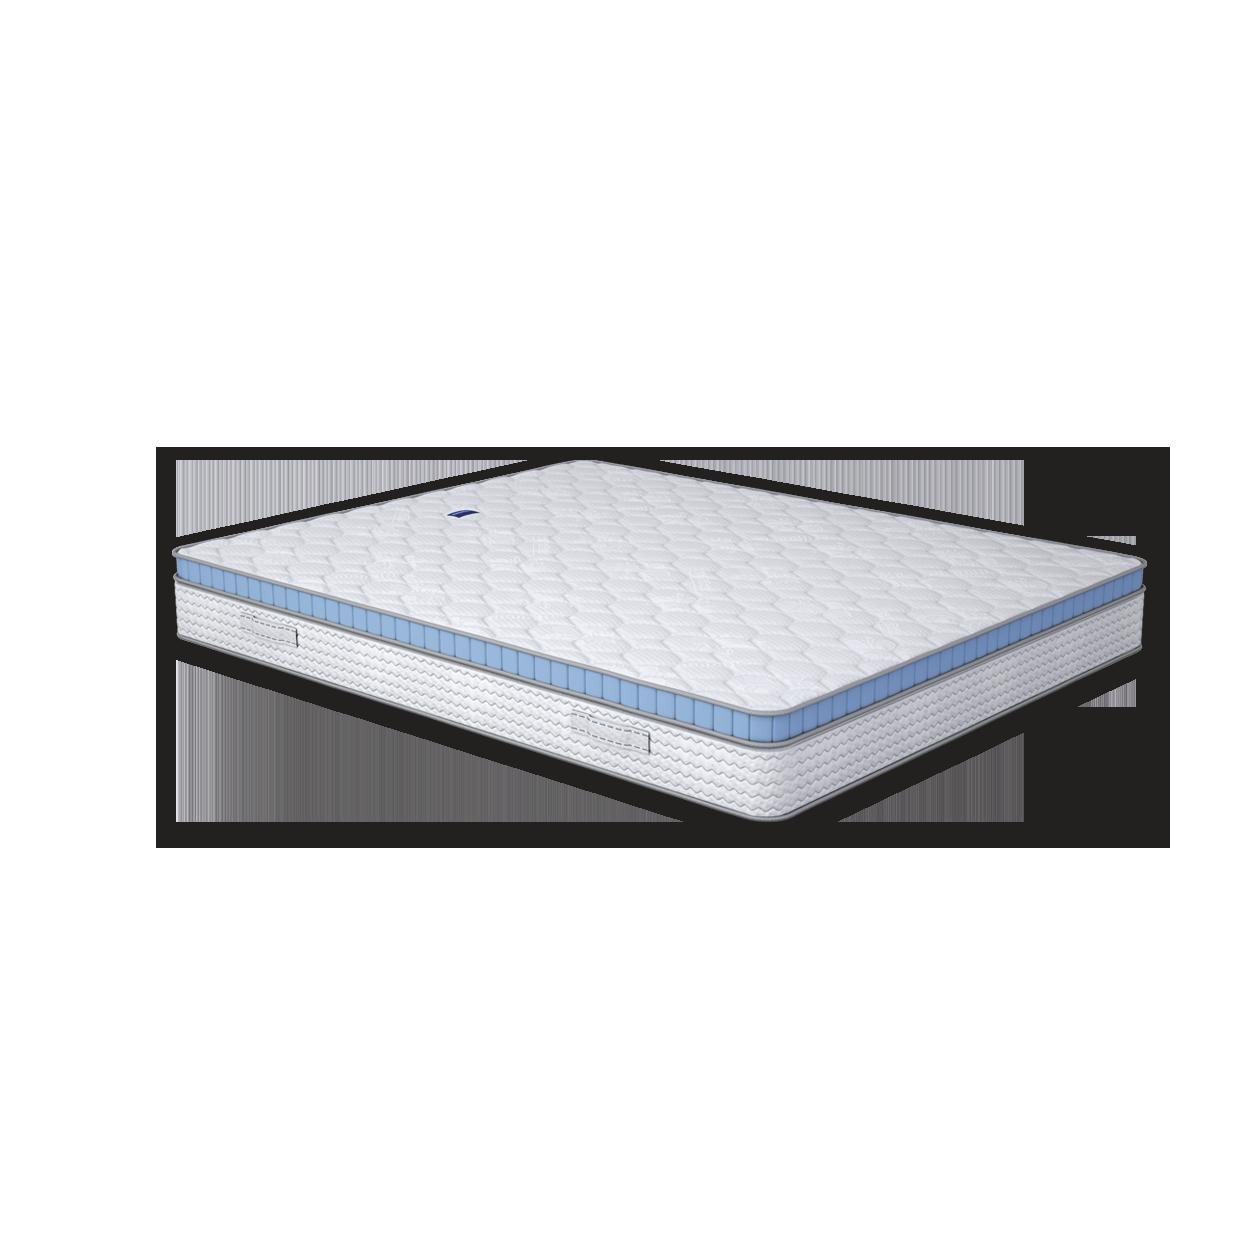 Incanto gel матрак, от Magniflex